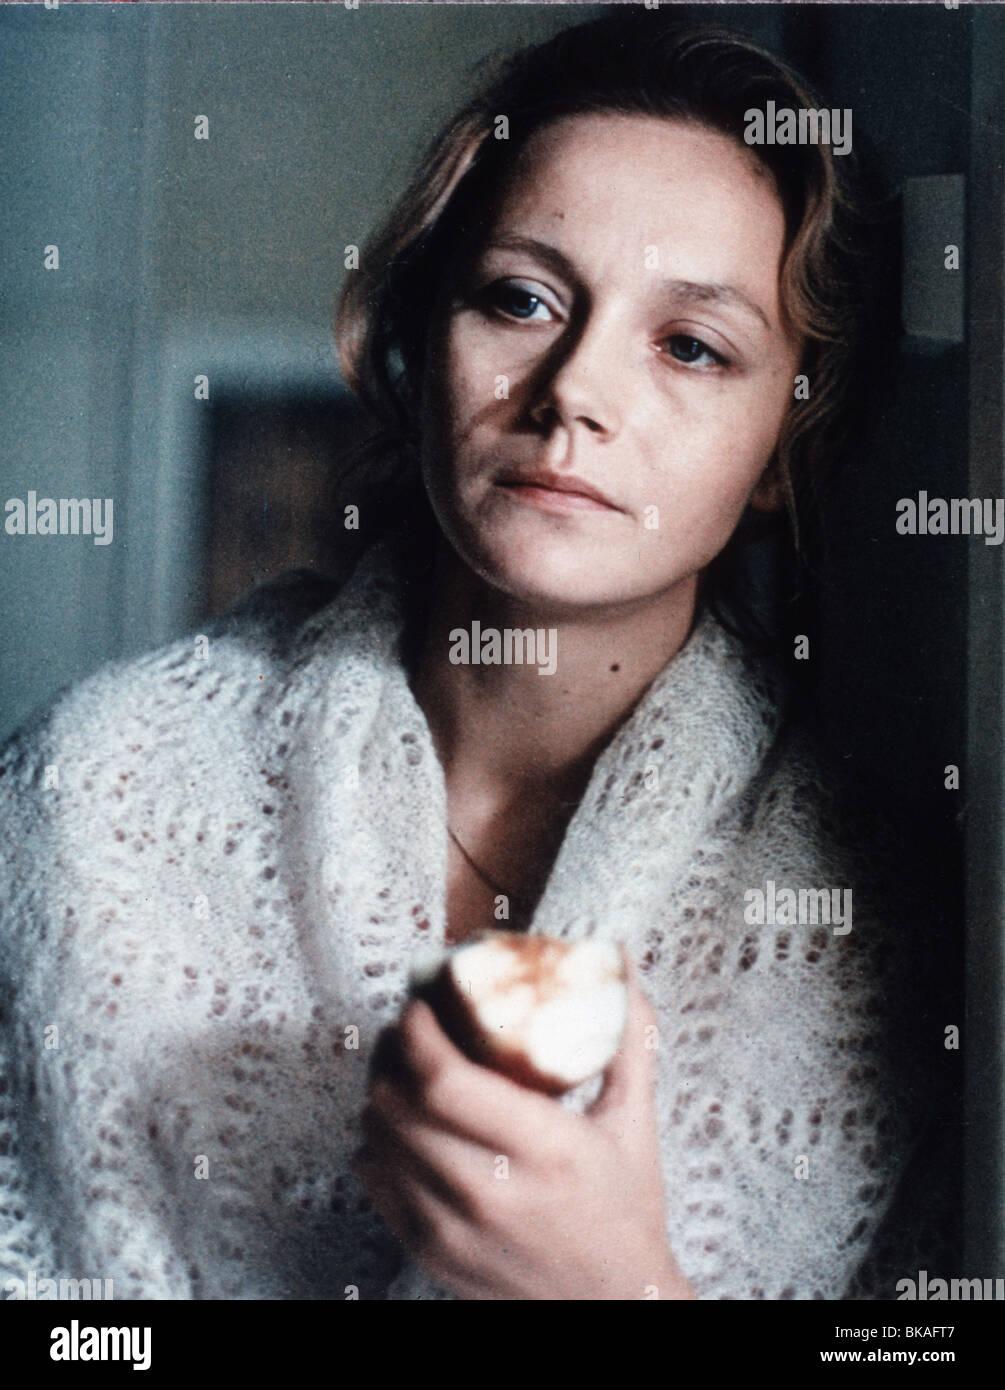 Bez svideteley sans témoins Année: 1983 Réalisateur: Union soviétique Nikita Mikhalkov Photo Stock